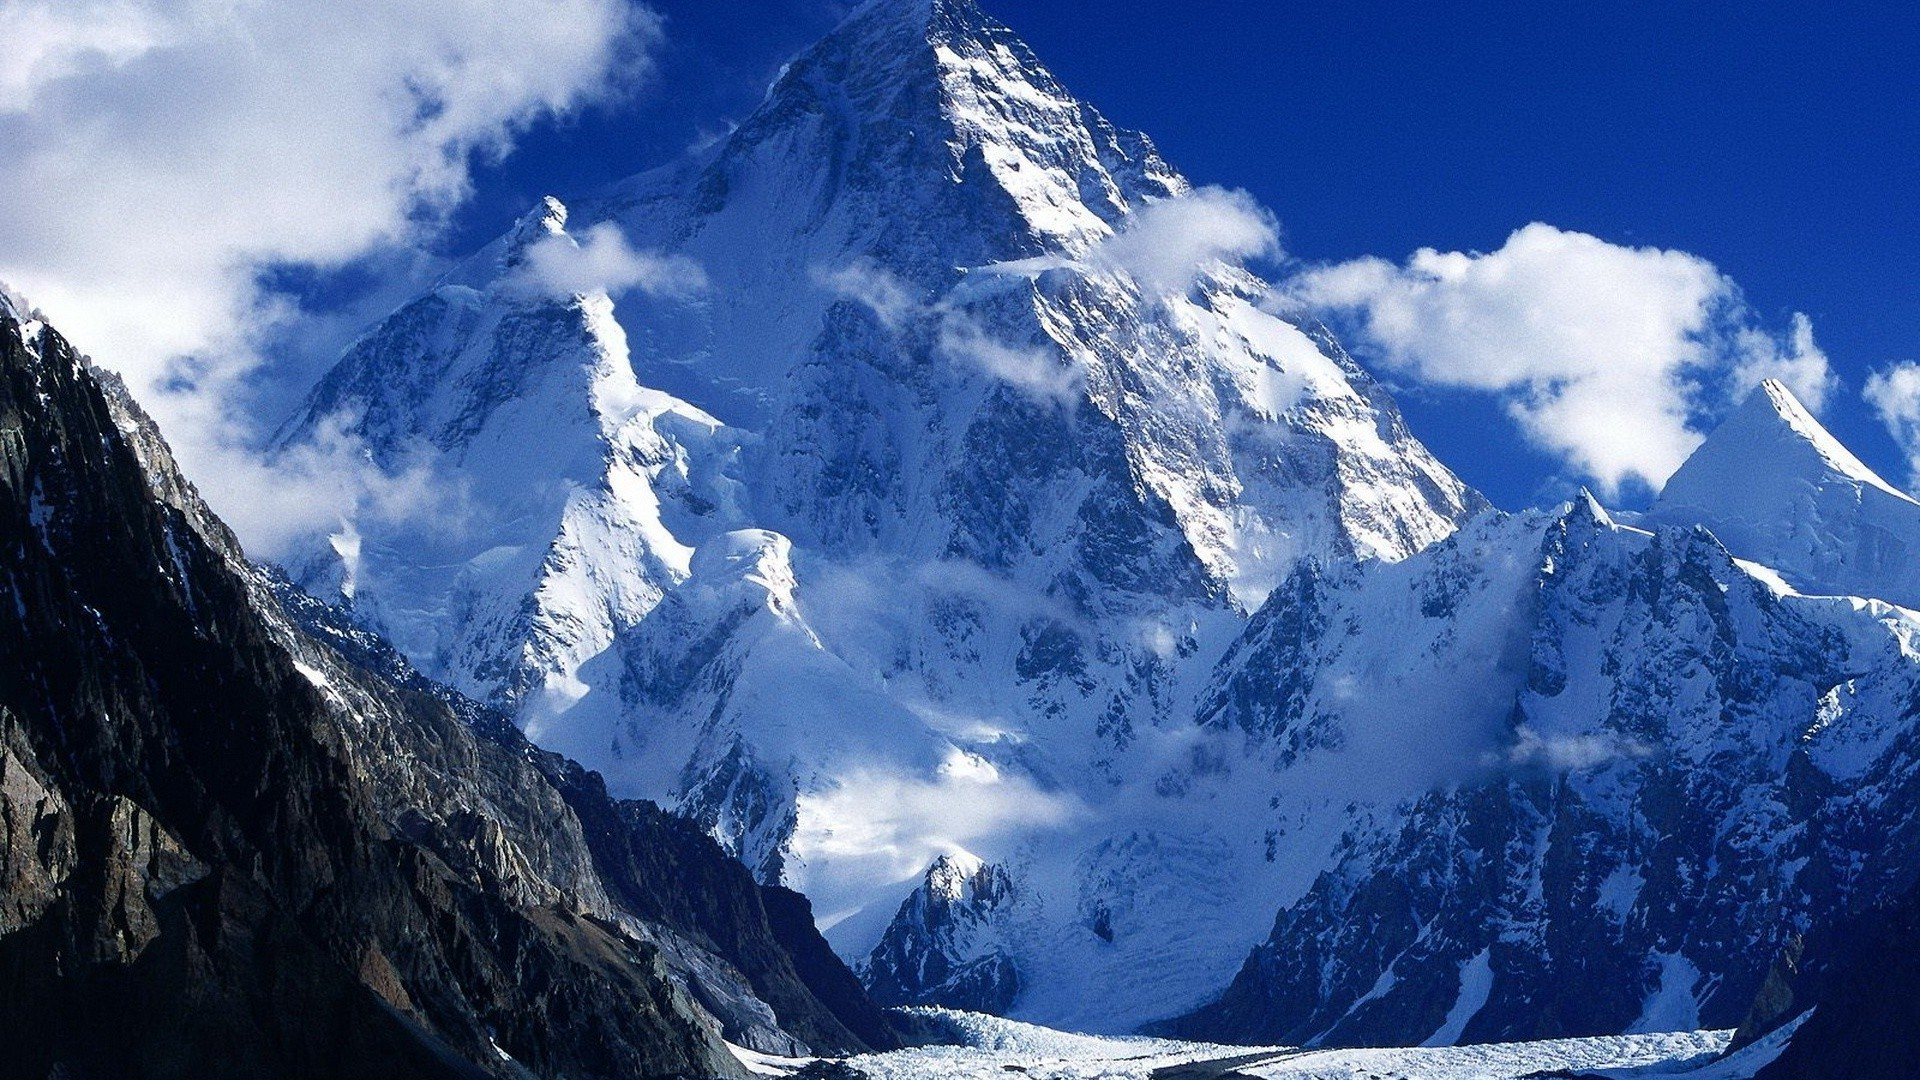 Snow Mountains Wallpaper